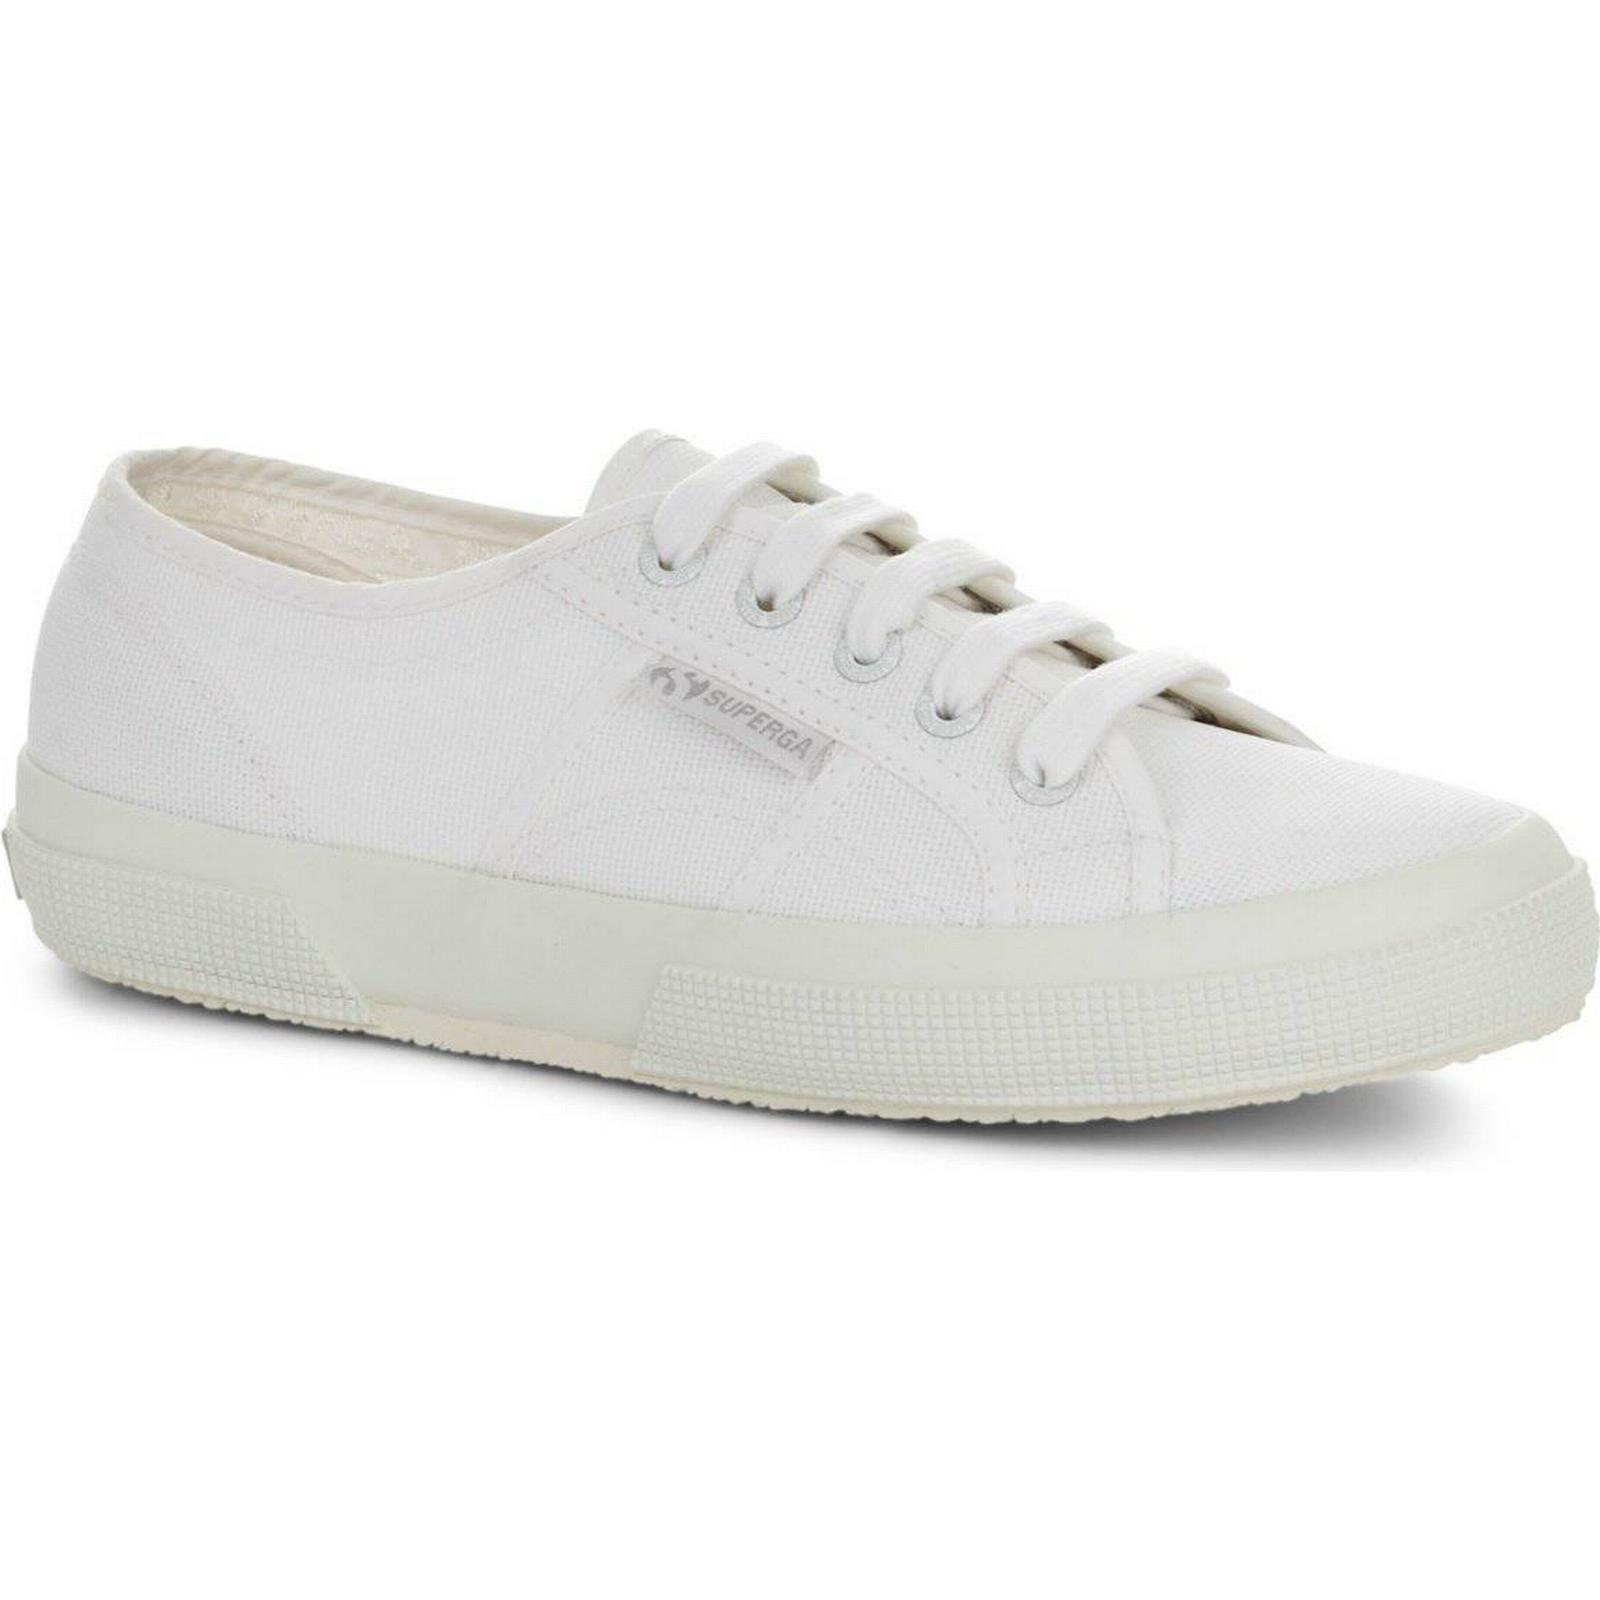 Superga 2750 43) COTU CLASSIC 9 (EU 43) 2750 Total White 2f6f65